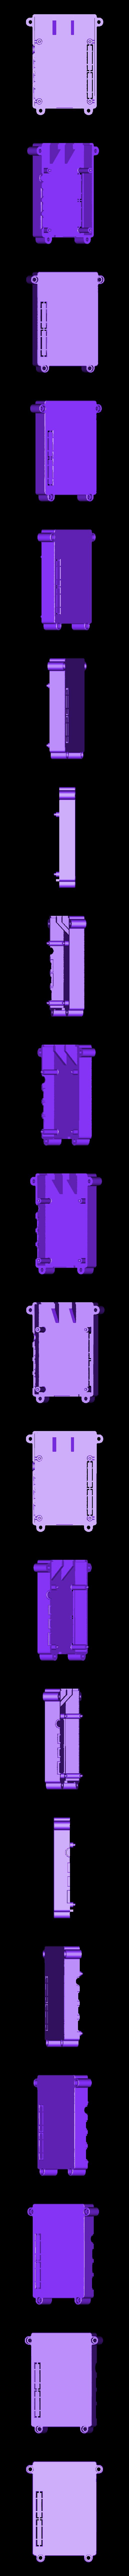 FULL_BLANK.STL Télécharger fichier STL gratuit Étui Pi 4B Framboise Framboise • Objet pour imprimante 3D, mkellsy